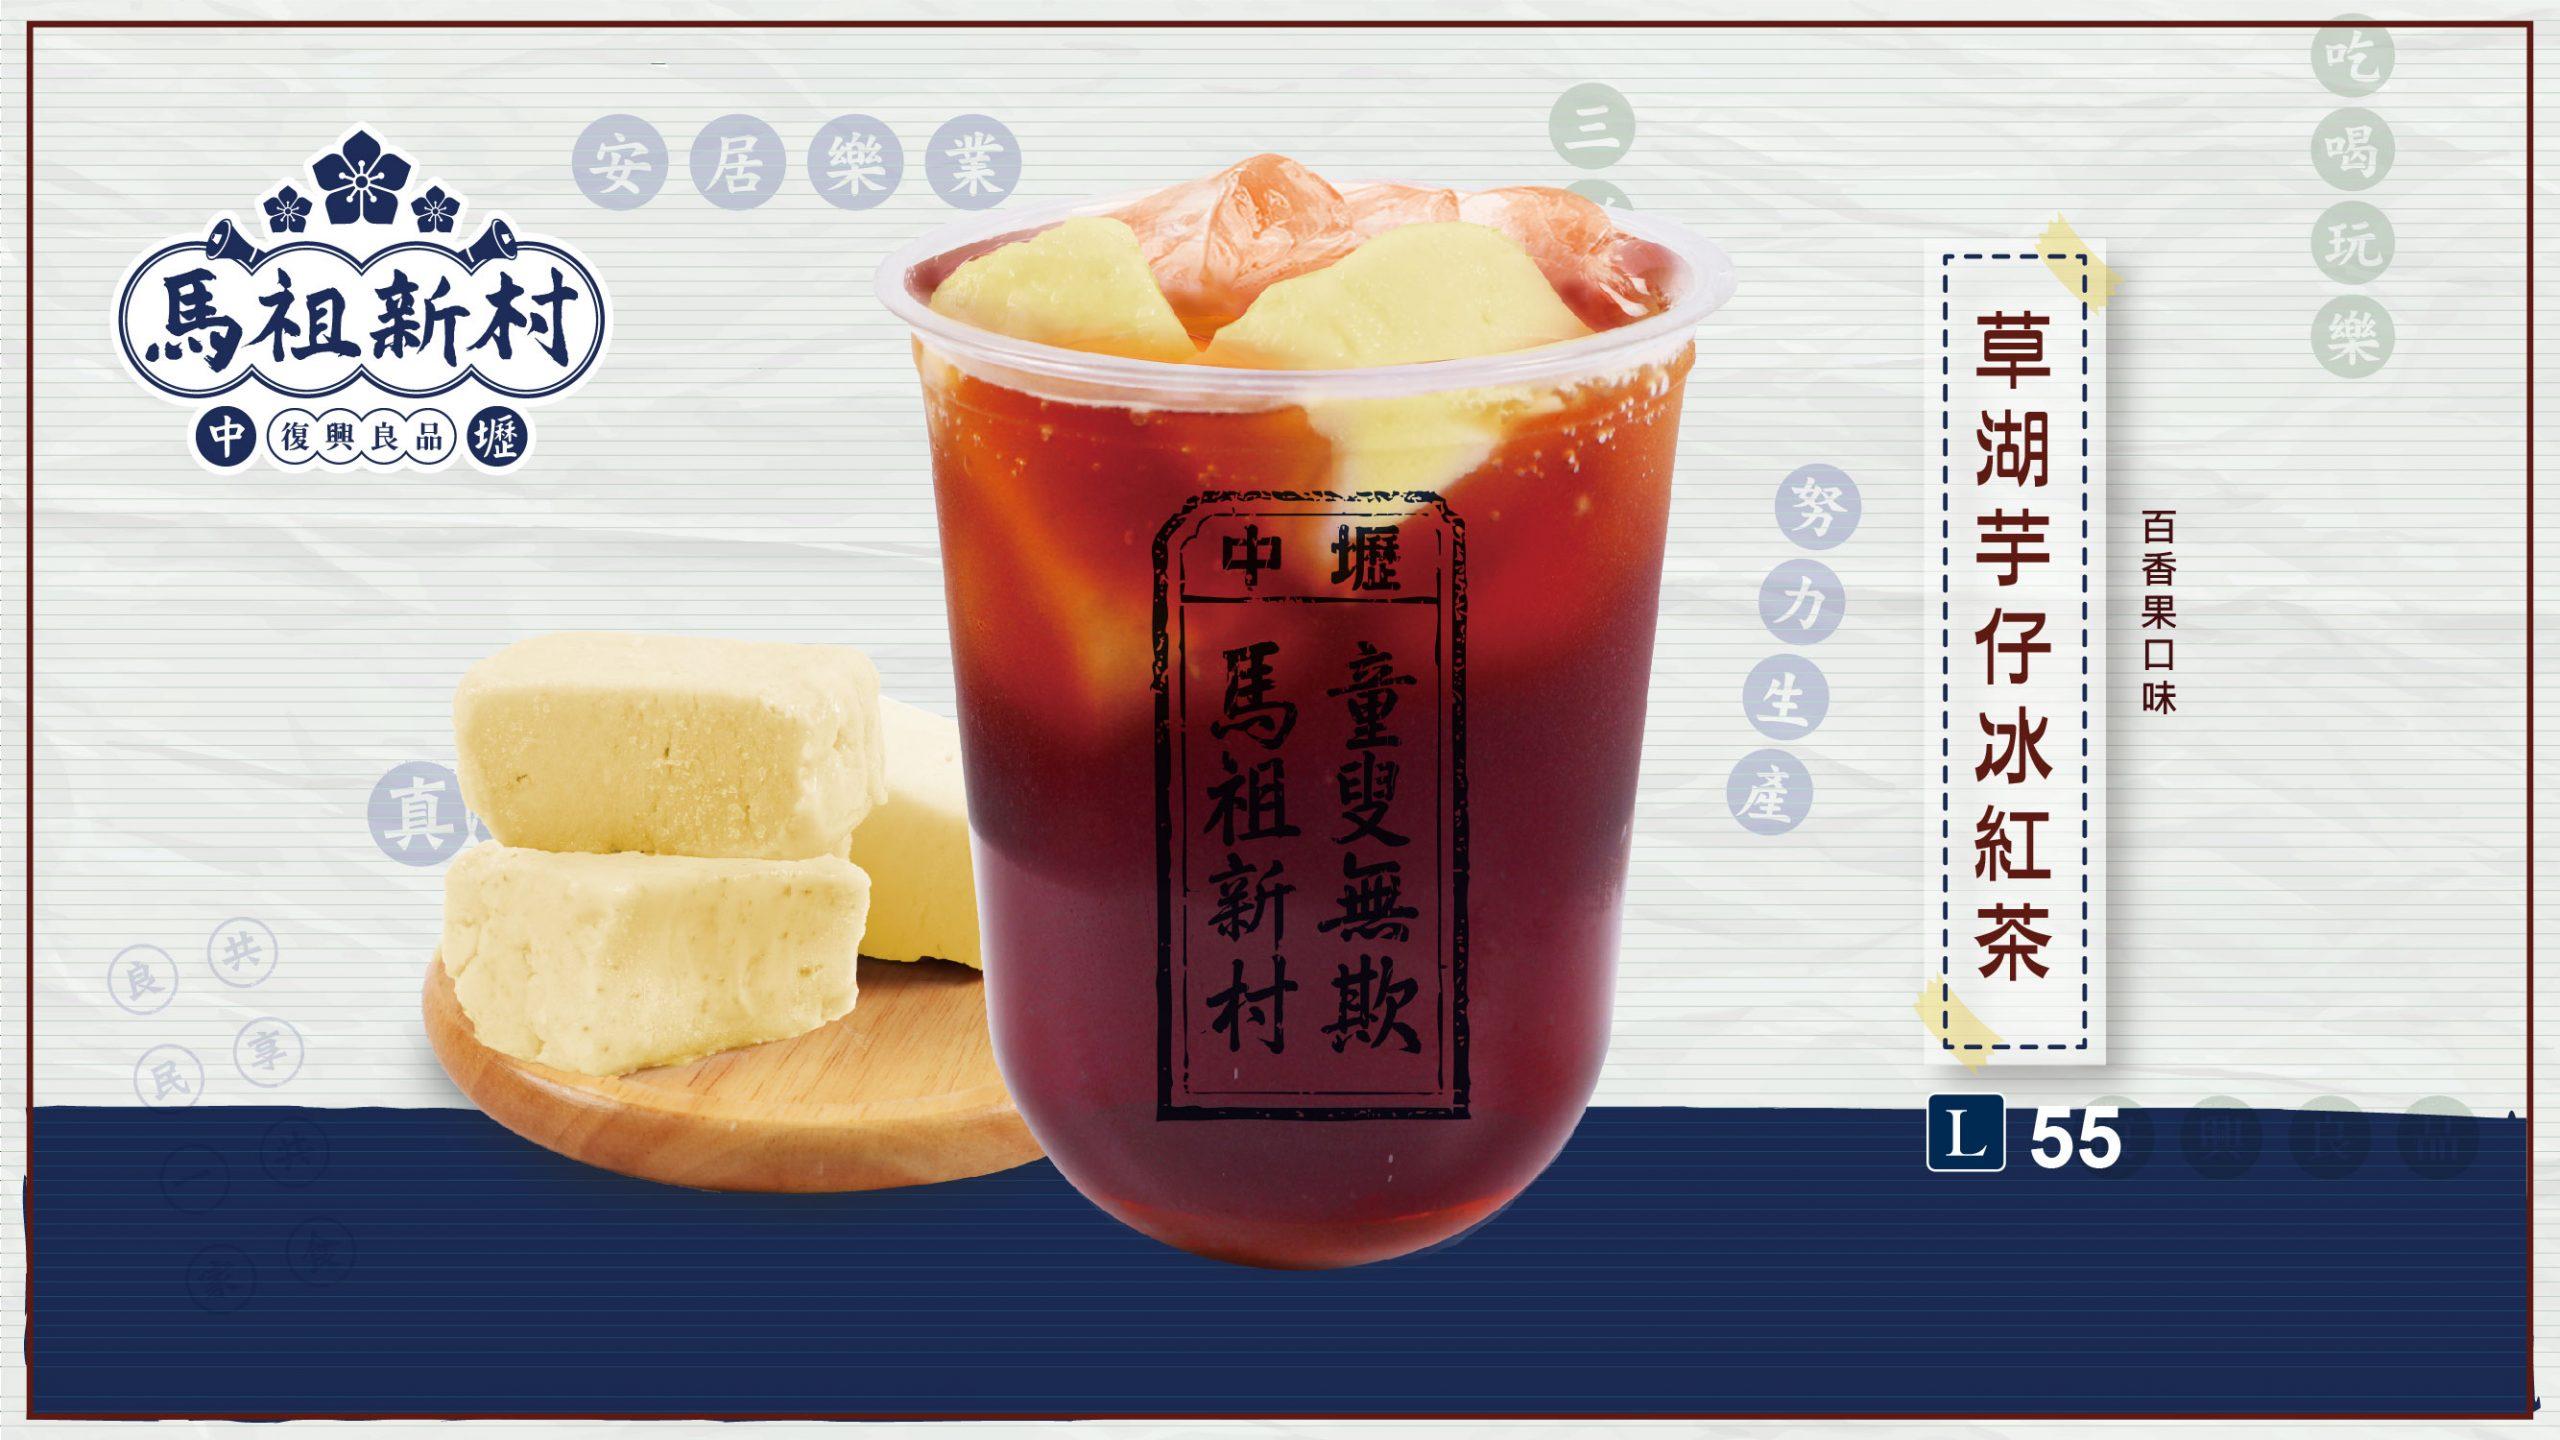 中壢馬祖新村(台北峨嵋西門店)菜單